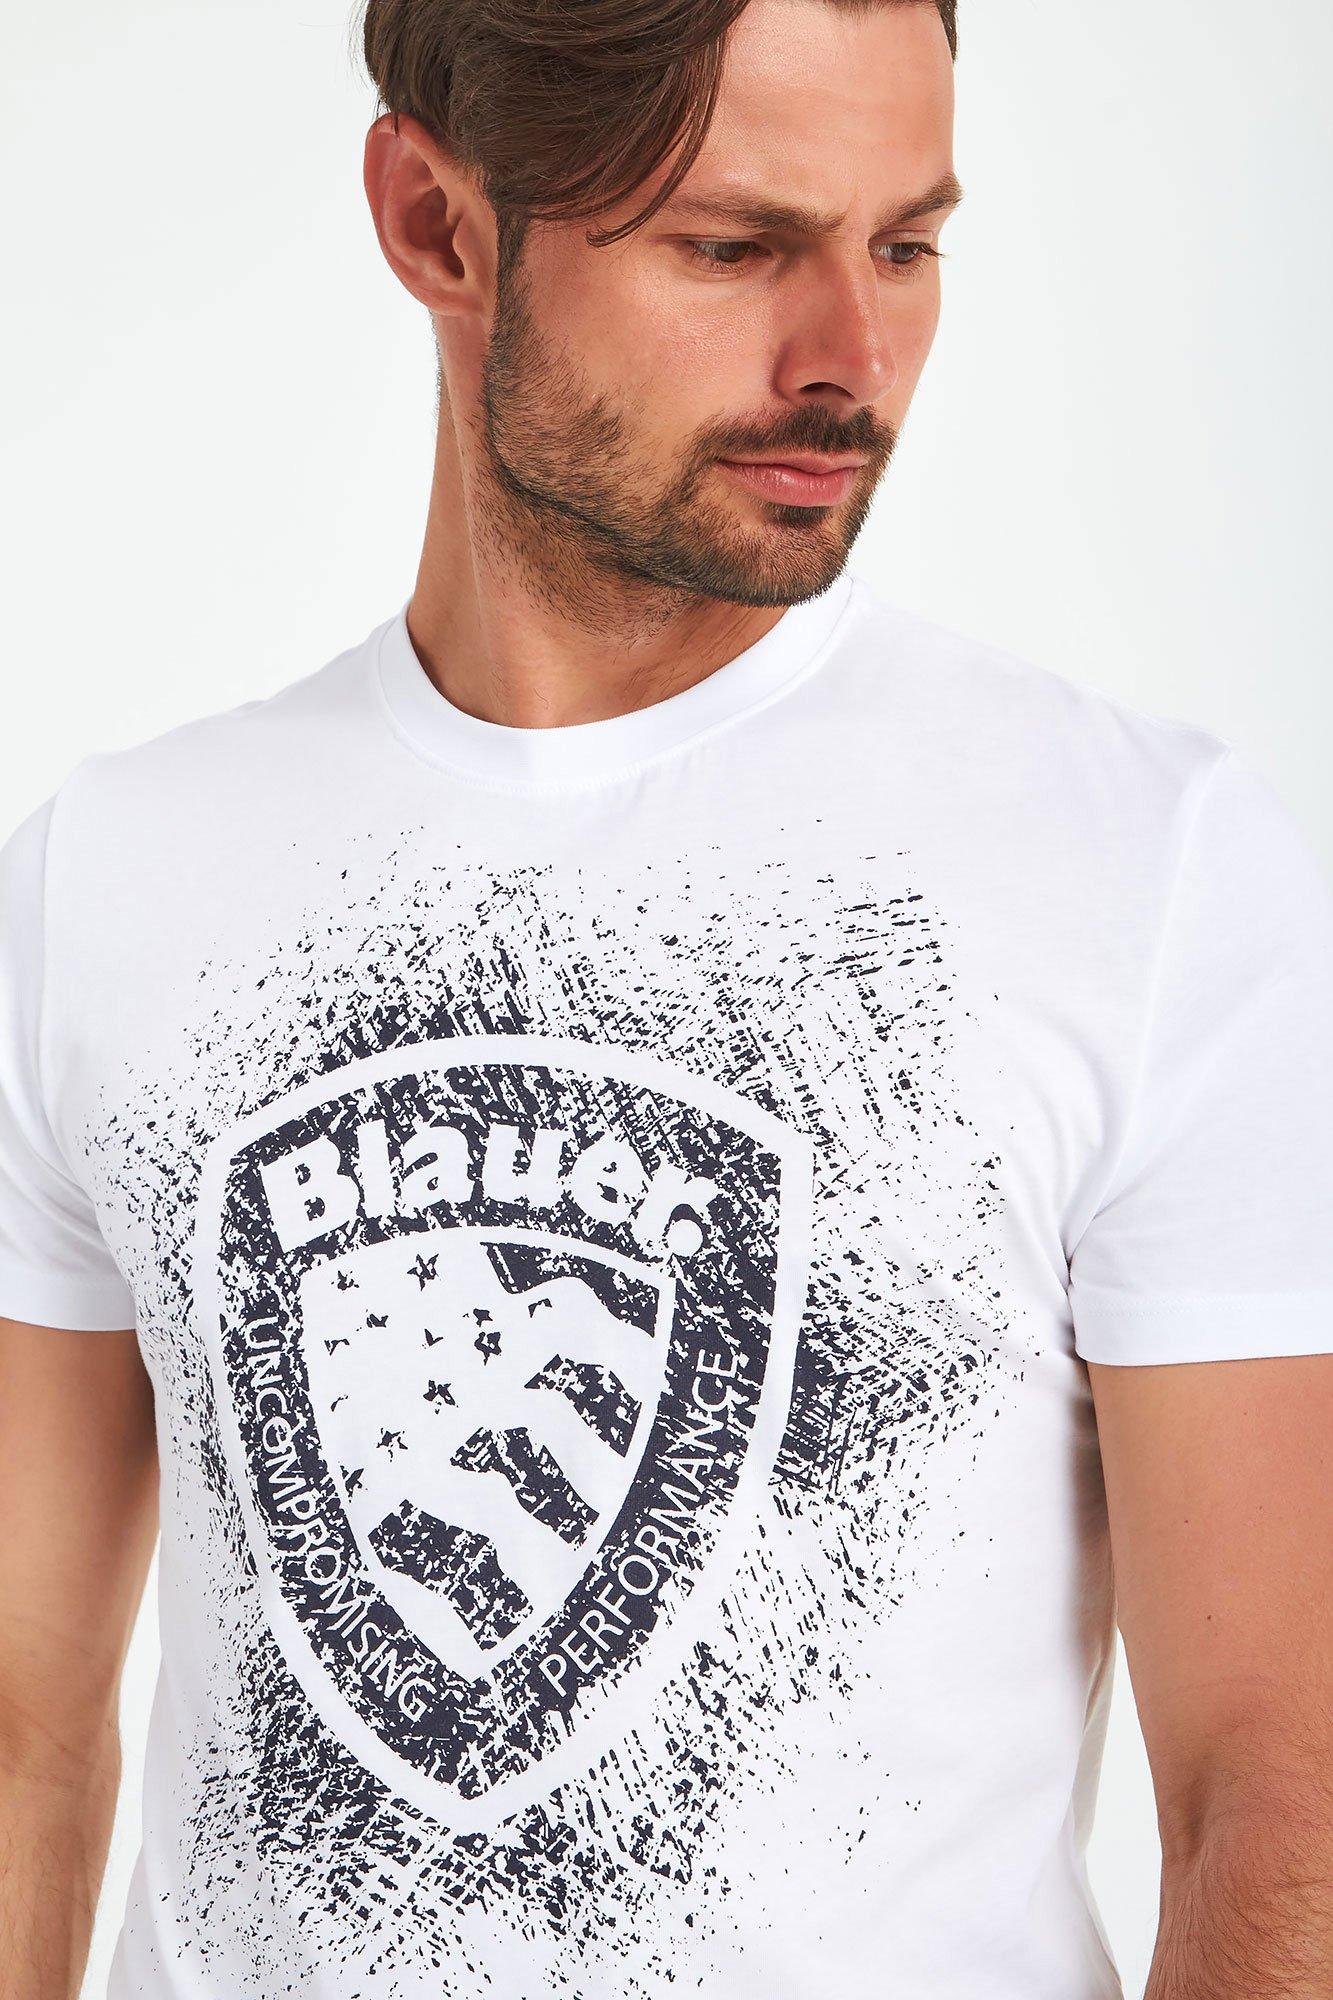 T-SHIRT BLAUER rozmiar XL